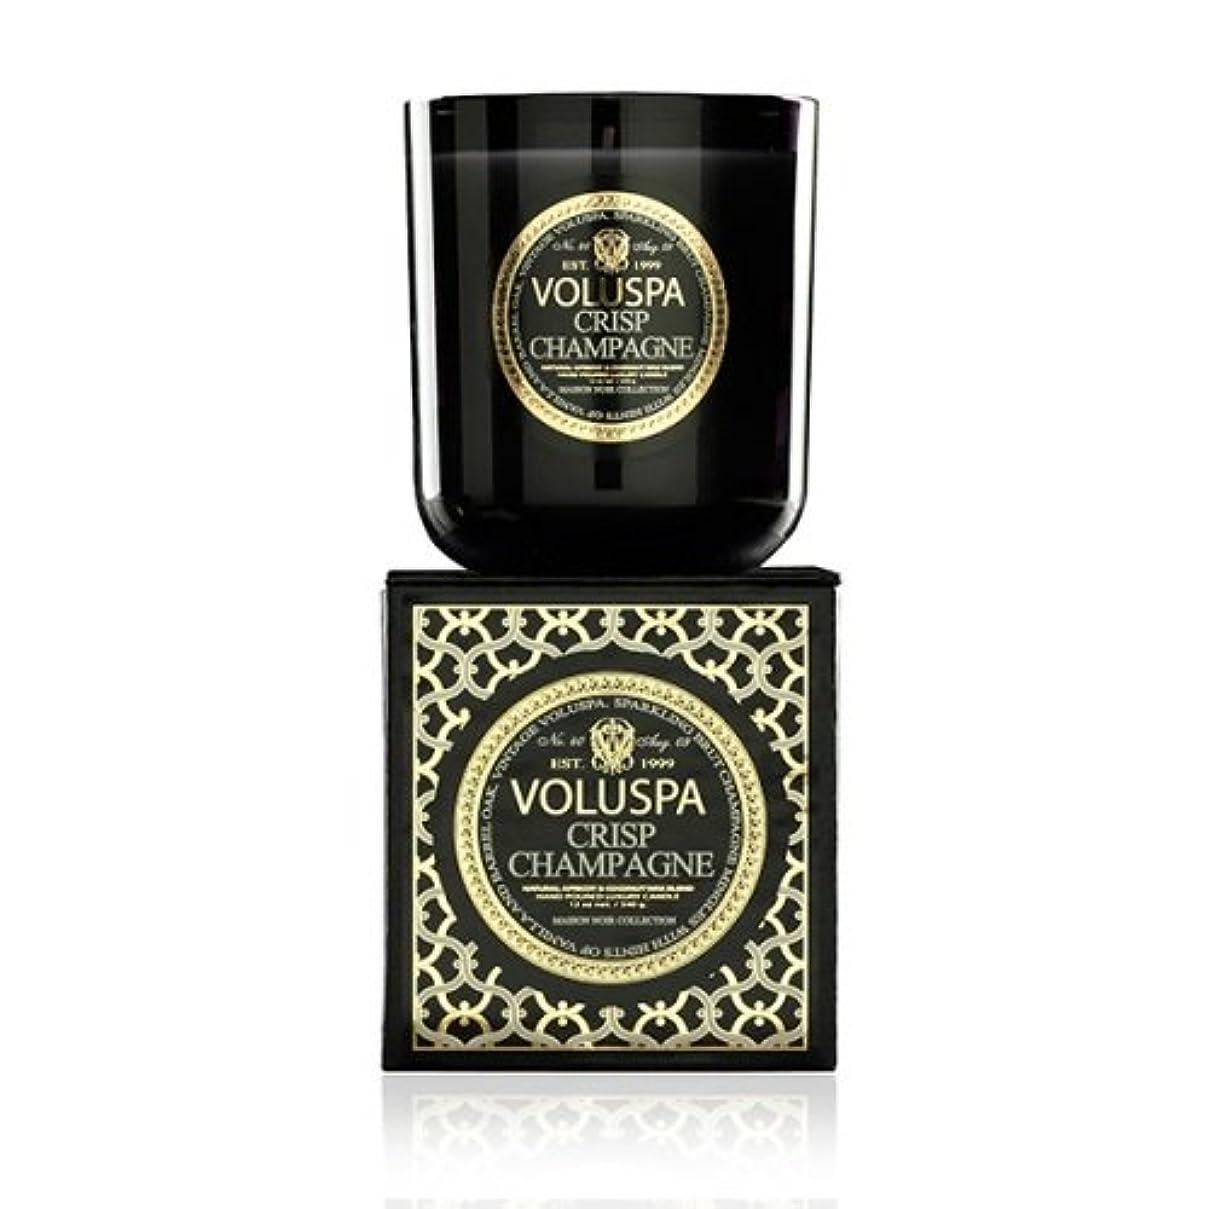 Voluspa ボルスパ メゾンノワール ボックス入りグラスキャンドル クリスプジャンパン MAISON NOIR Box Glass Candle CRISP CHAMPAGNE